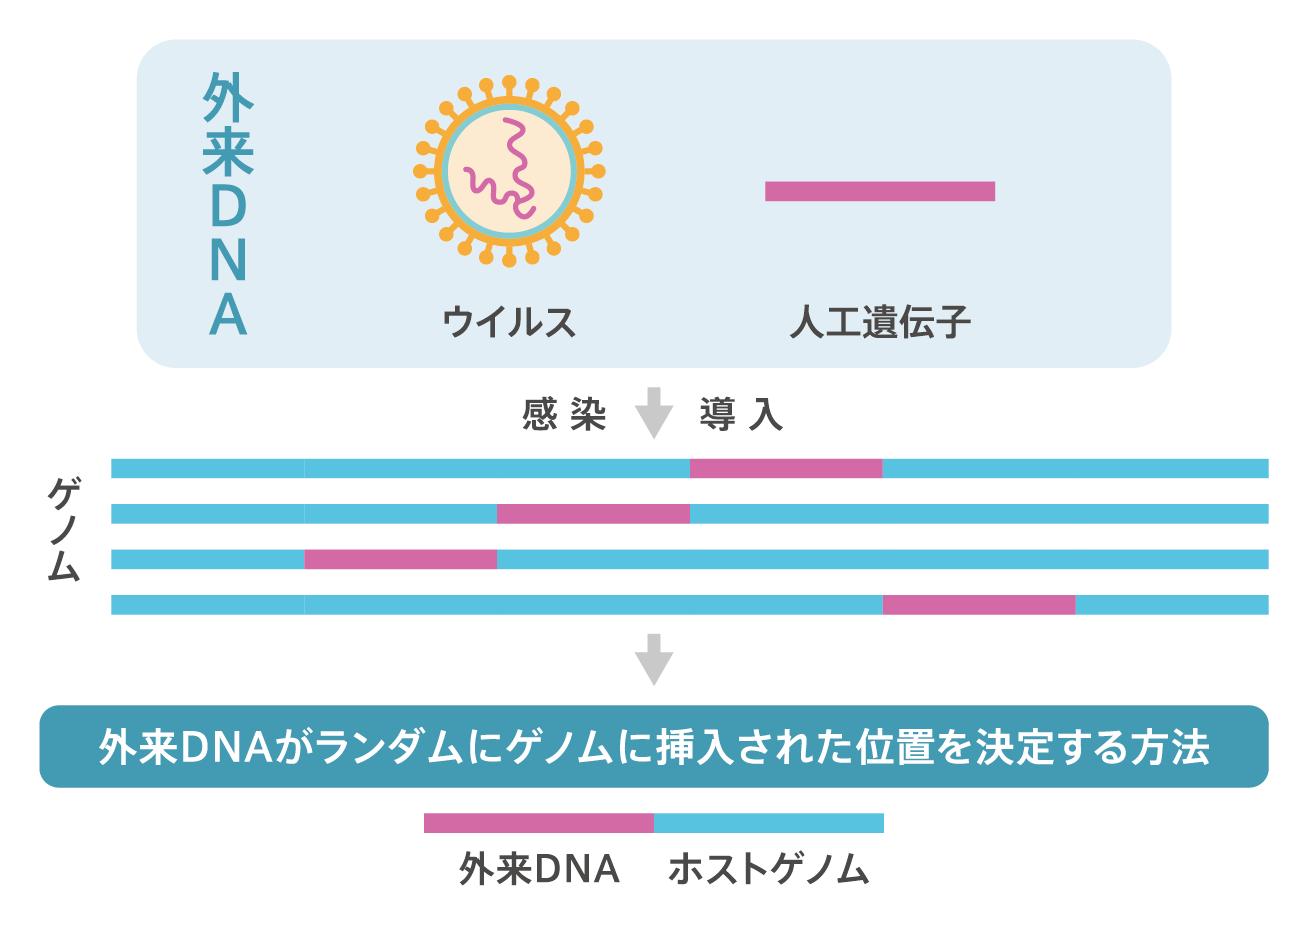 組み換え 遺伝子 ゲノム 違い 編集